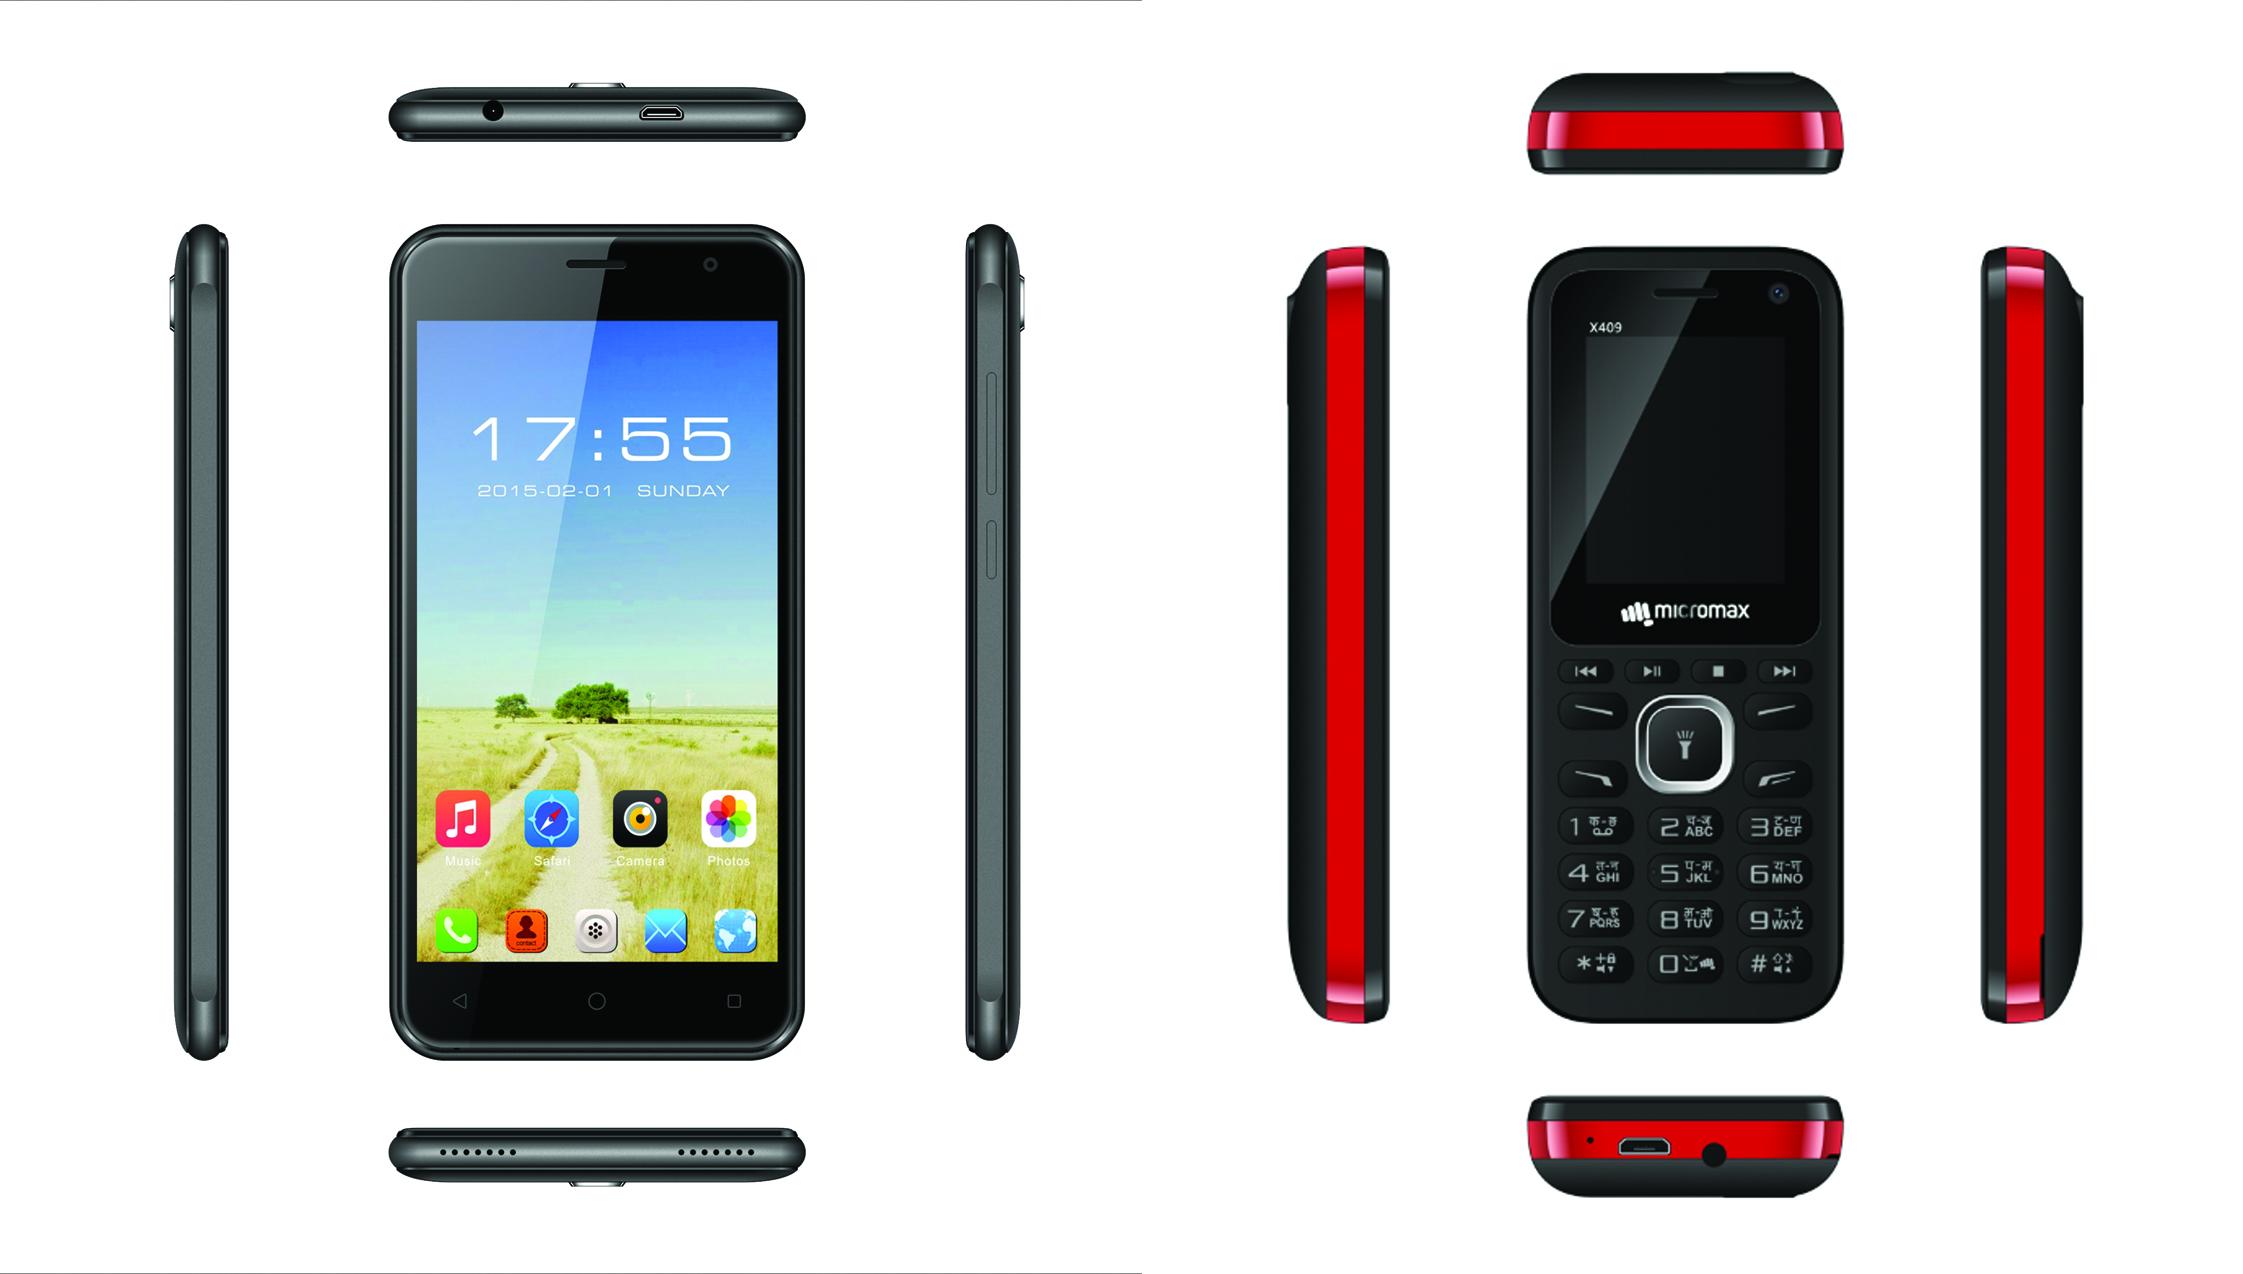 माइक्रोम्याक्सले ल्यायो एक्स ४०९ बारफोन र क्यु ३५३ बजेट स्मार्टफोन